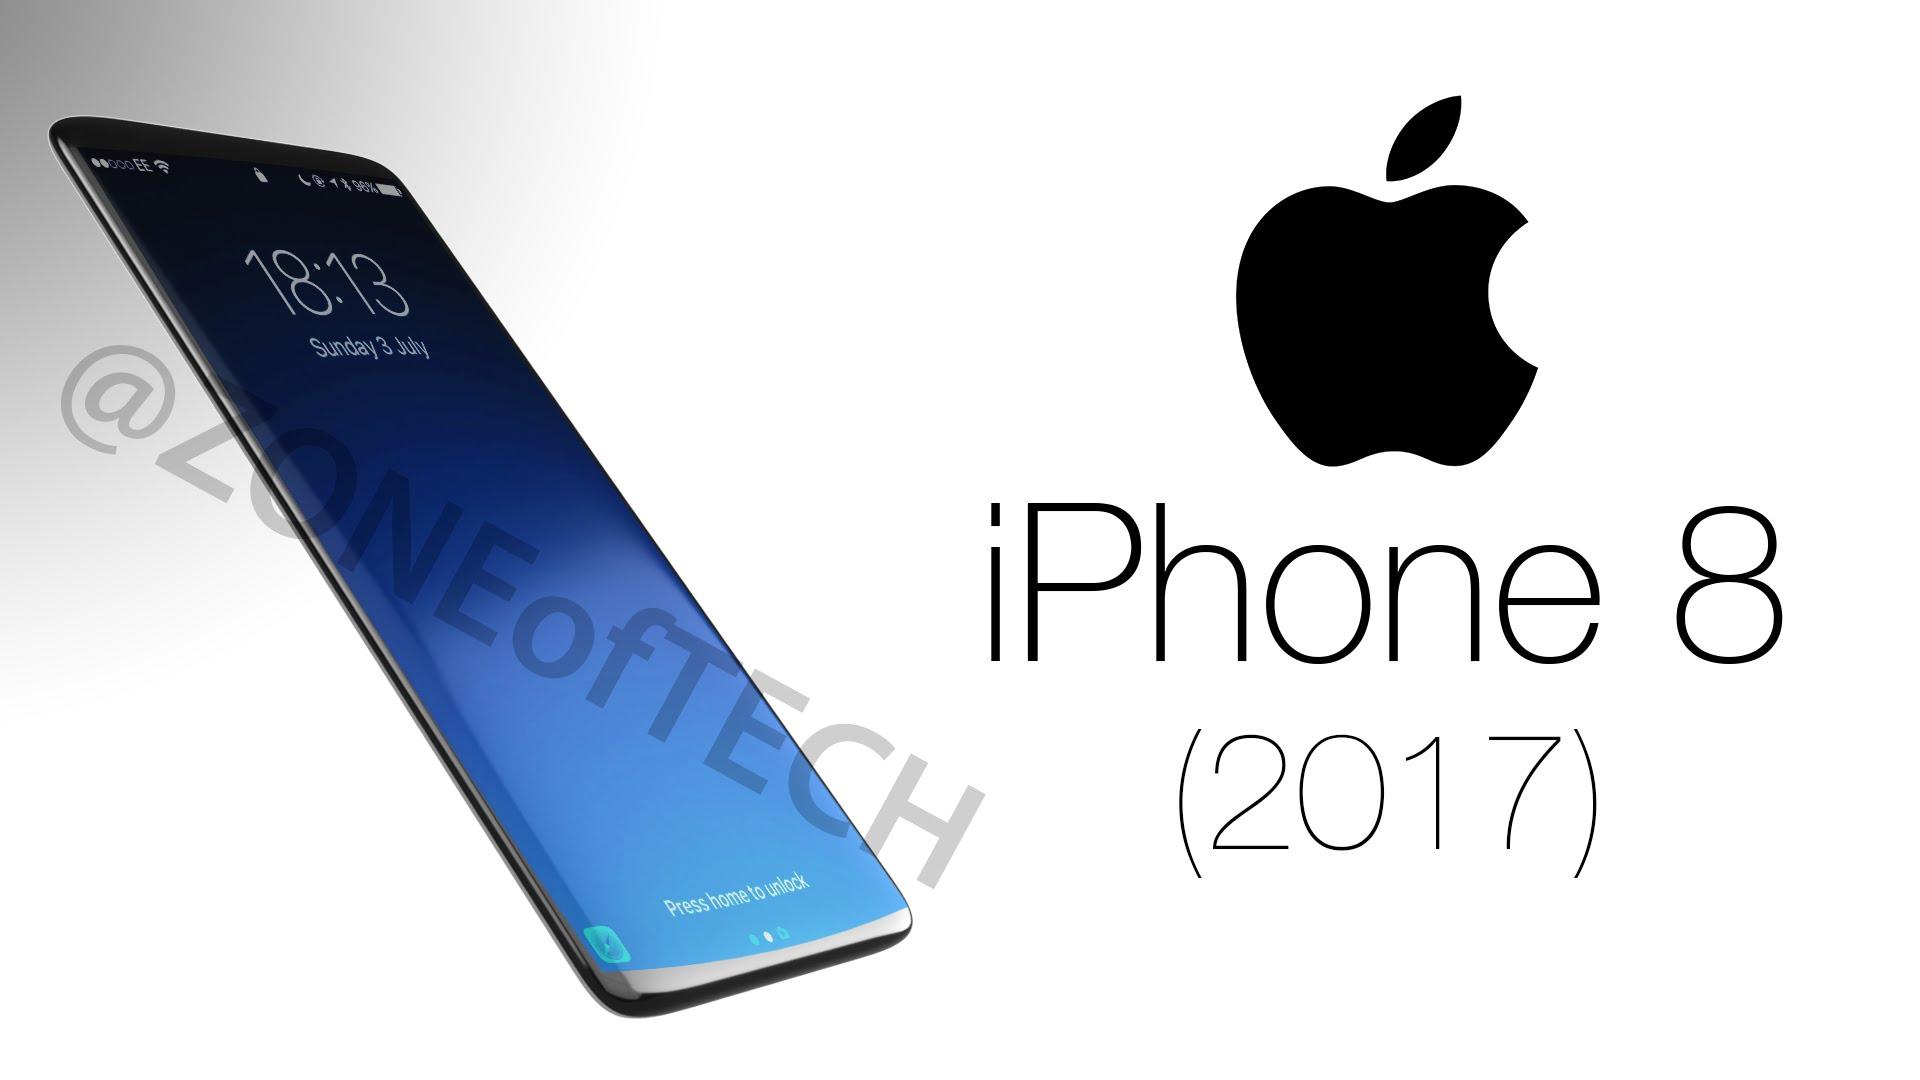 IPhone 8 con schermi OLED: arrivano segnali importanti